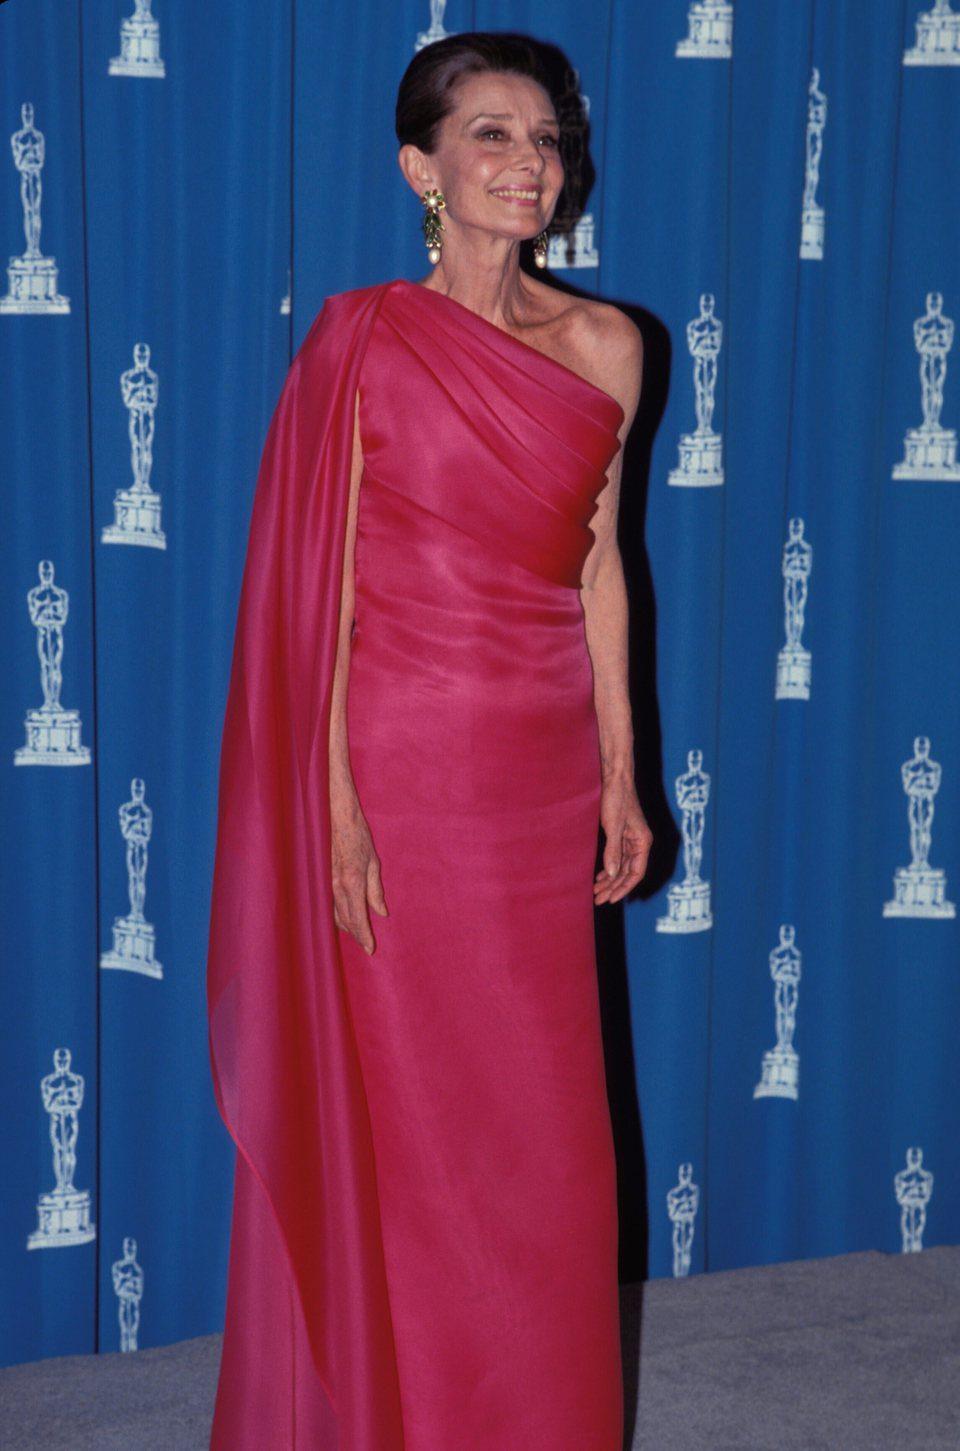 Audrey Hepburn en sus últimos años en una entrega de los Oscars